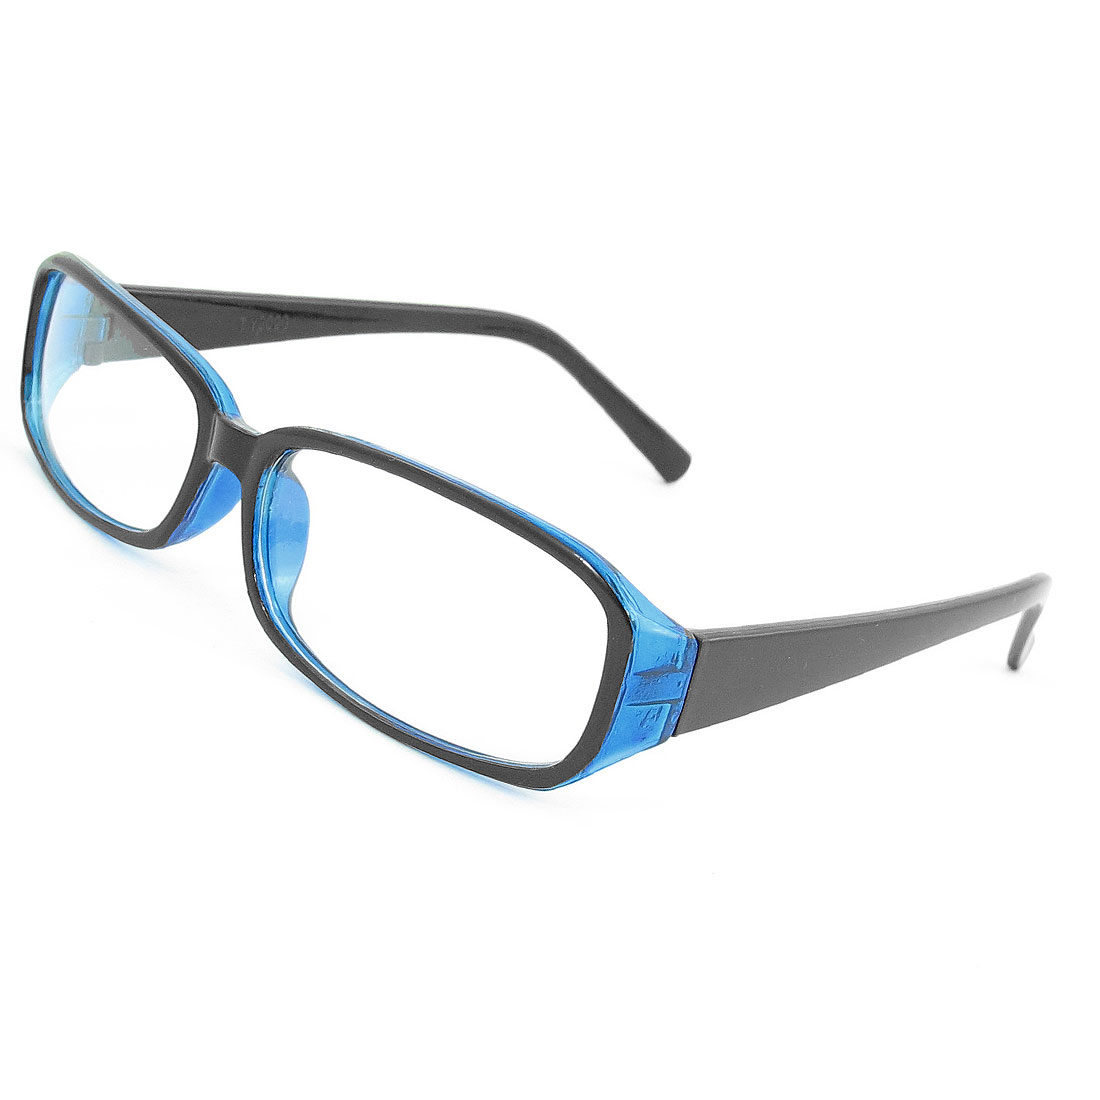 Unisex Plastic Black Arms Full Rim Frame Clear Lens Plano Eyeglasses